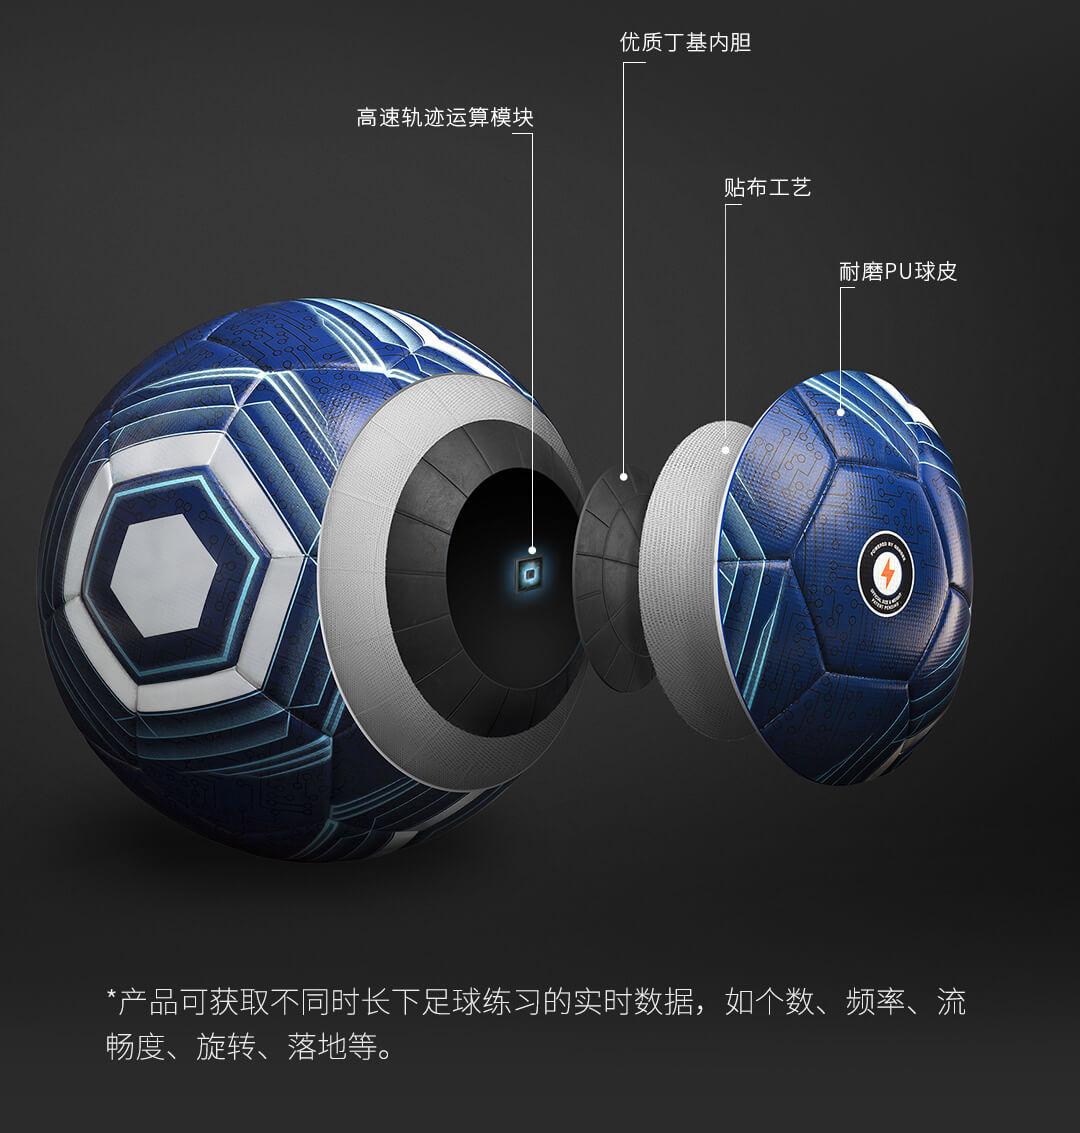 这颗足球有点厉害!小米有品众筹上架茵战智能足球